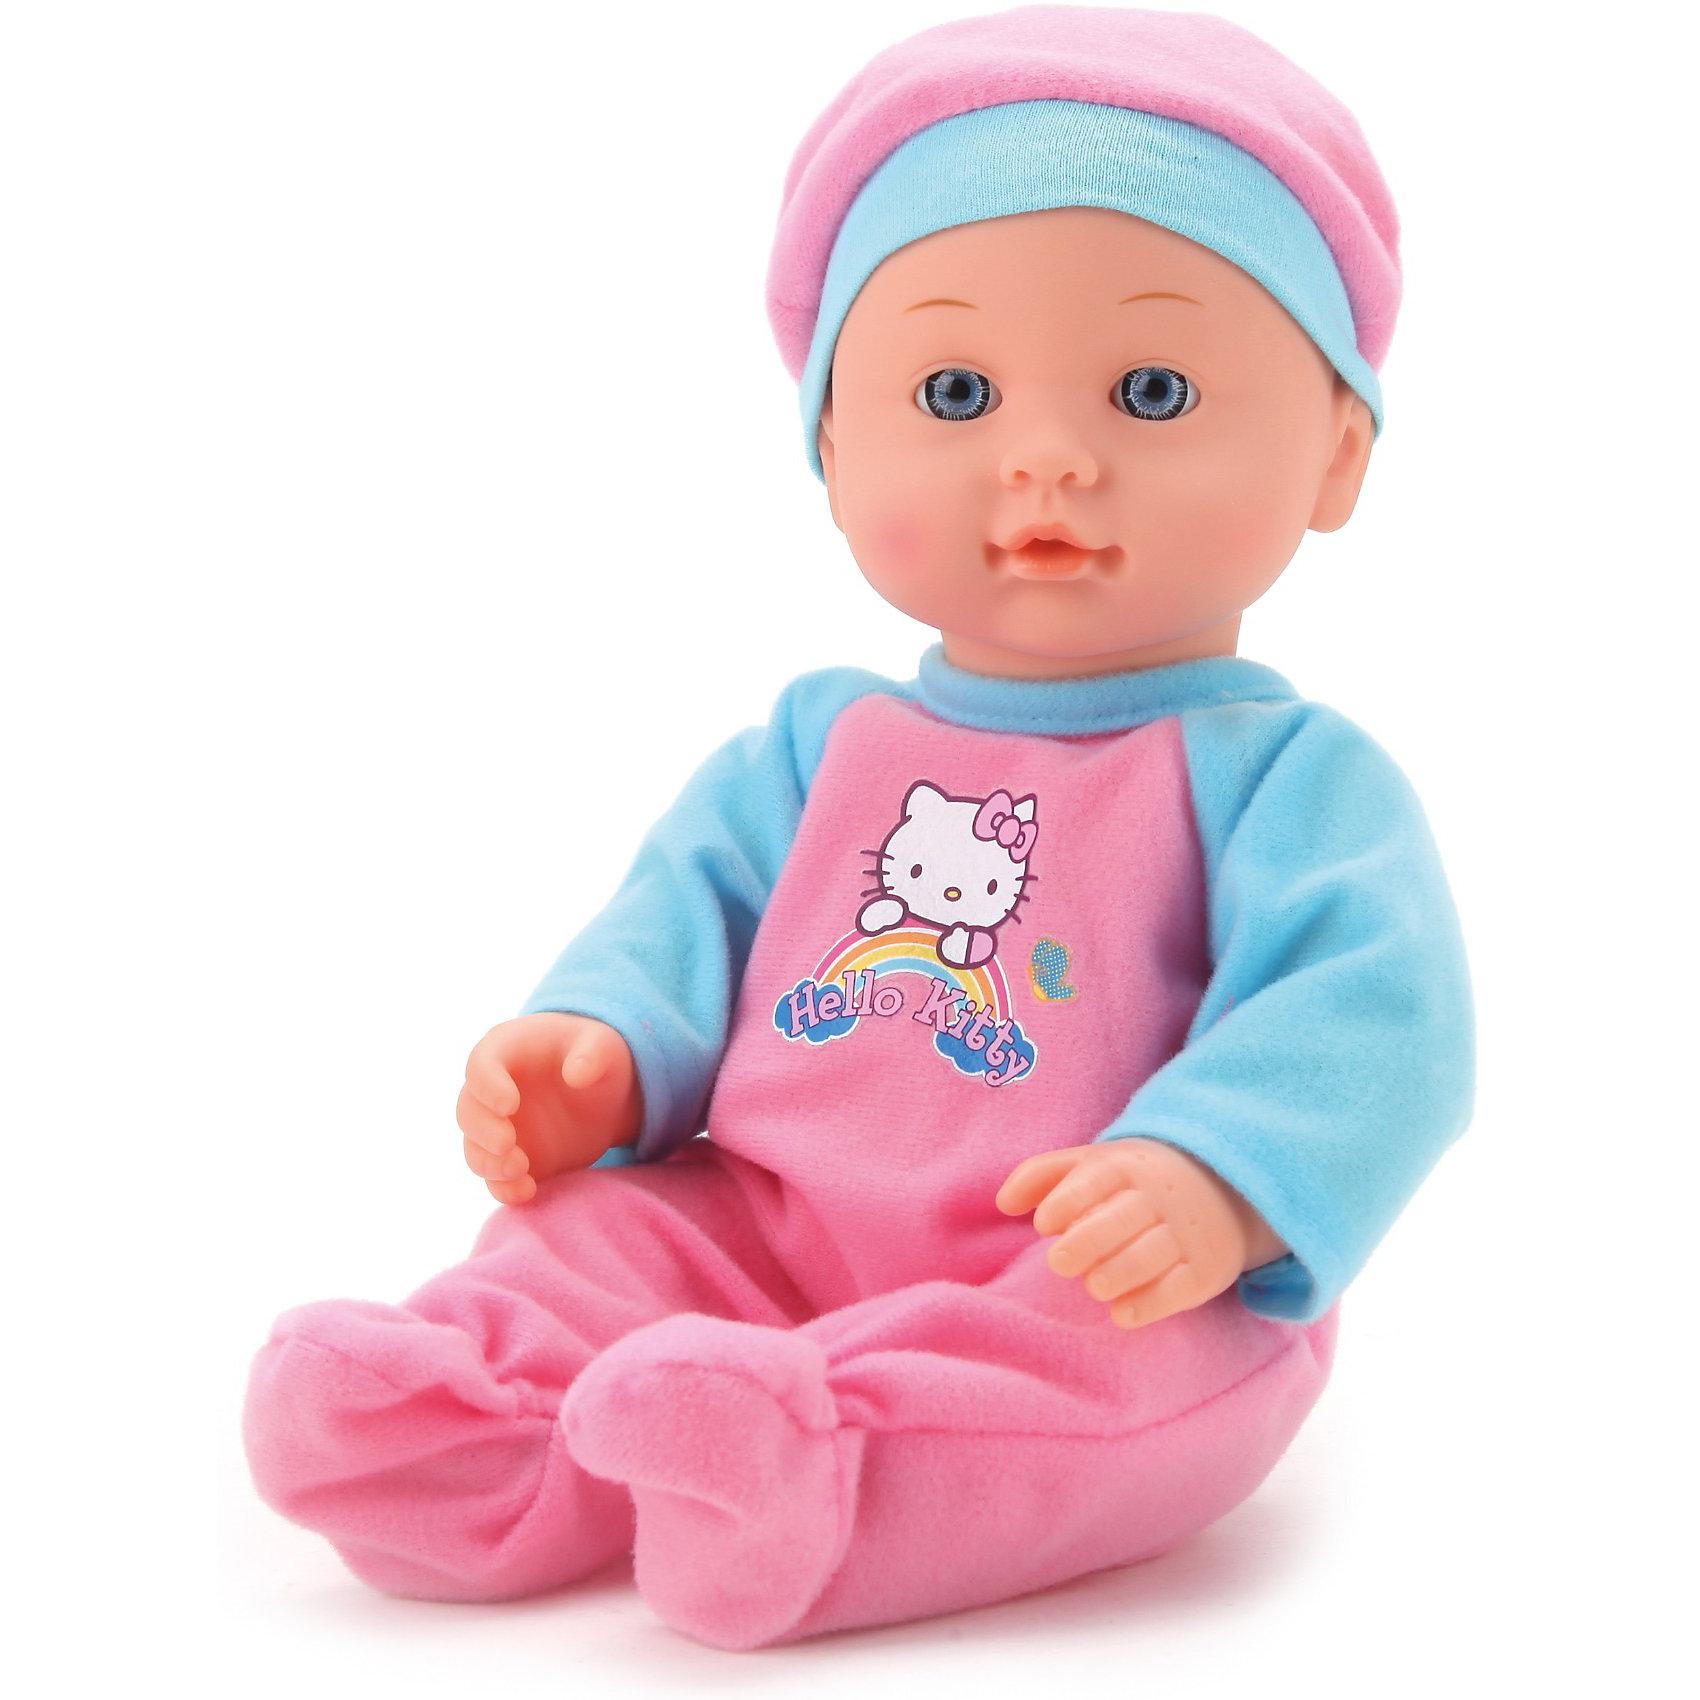 Кукла с аксессуарами, 30 см, Hello KittyКукла с аксессуарами, 30 см, Hello Kitty, в ассортименте – это чудесная кукла, которая покорит вашу девочку.<br>Кукла Hello kitty, если напоить пупса водой из бутылочки, то он будет писать в свой горшочек. Куклу можно купать. Она одета в милый костюмчик с дизайном Hello kitty.<br><br>Дополнительная информация:<br><br>- В комплекте бутылочка, горшочек и слюнявчик<br>- Высота куклы: 30 см.<br>- ВНИМАНИЕ! Данный товар представлен в ассортименте. К сожалению, предварительный выбор невозможен. При заказе нескольких единиц данного товара, возможно получение одинаковых<br><br>Куклу с аксессуарами, 30 см, Hello Kitty (Хелло Китти), в ассортименте можно купить в нашем интернет-магазине.<br><br>Ширина мм: 200<br>Глубина мм: 100<br>Высота мм: 330<br>Вес г: 620<br>Возраст от месяцев: 24<br>Возраст до месяцев: 84<br>Пол: Женский<br>Возраст: Детский<br>SKU: 3826598